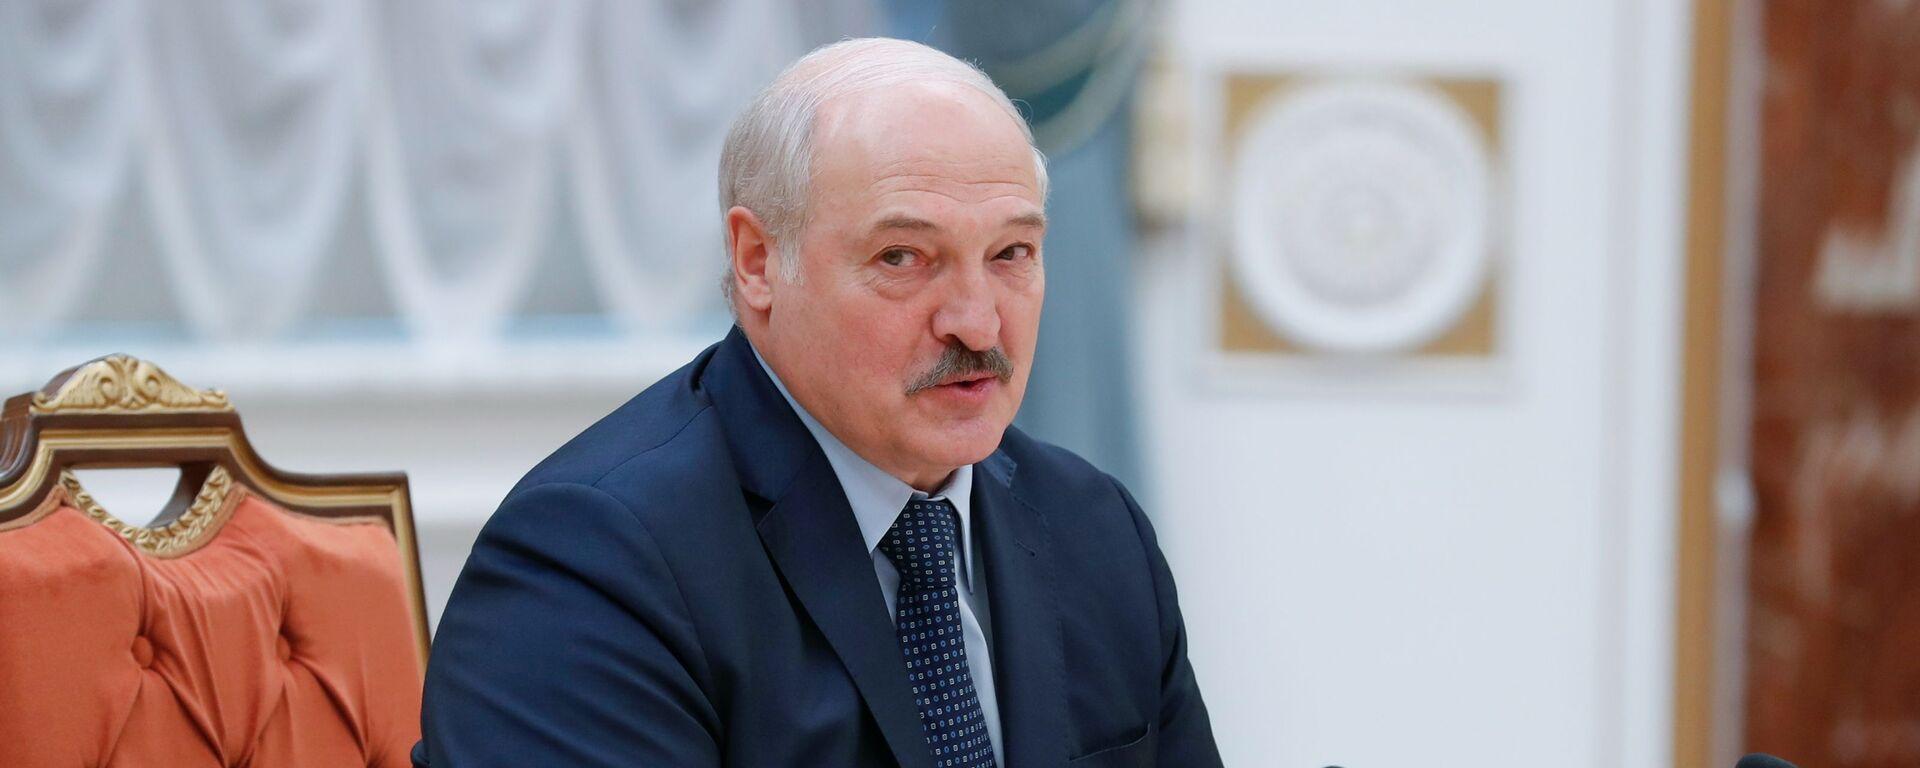 Prezydenta Białorusi Alaksandr Łukaszenka podczas spotkania w Mińsku - Sputnik Polska, 1920, 04.06.2021